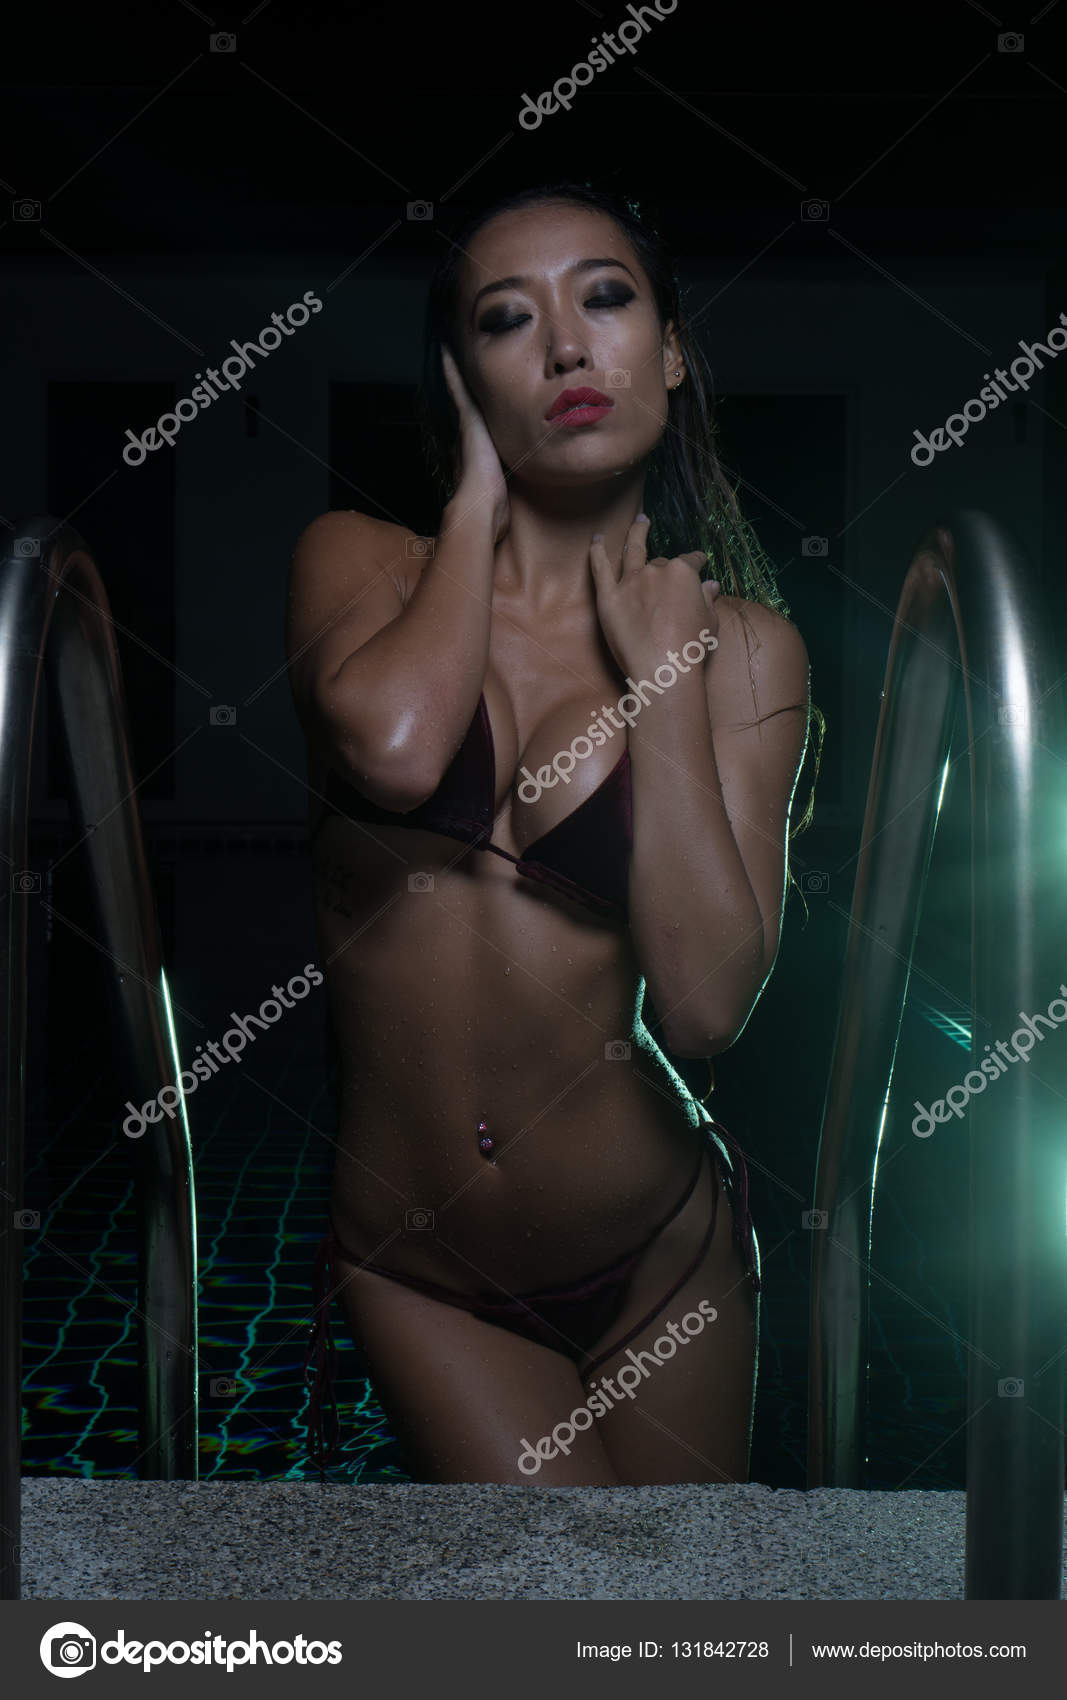 Sexy woman shooting pool